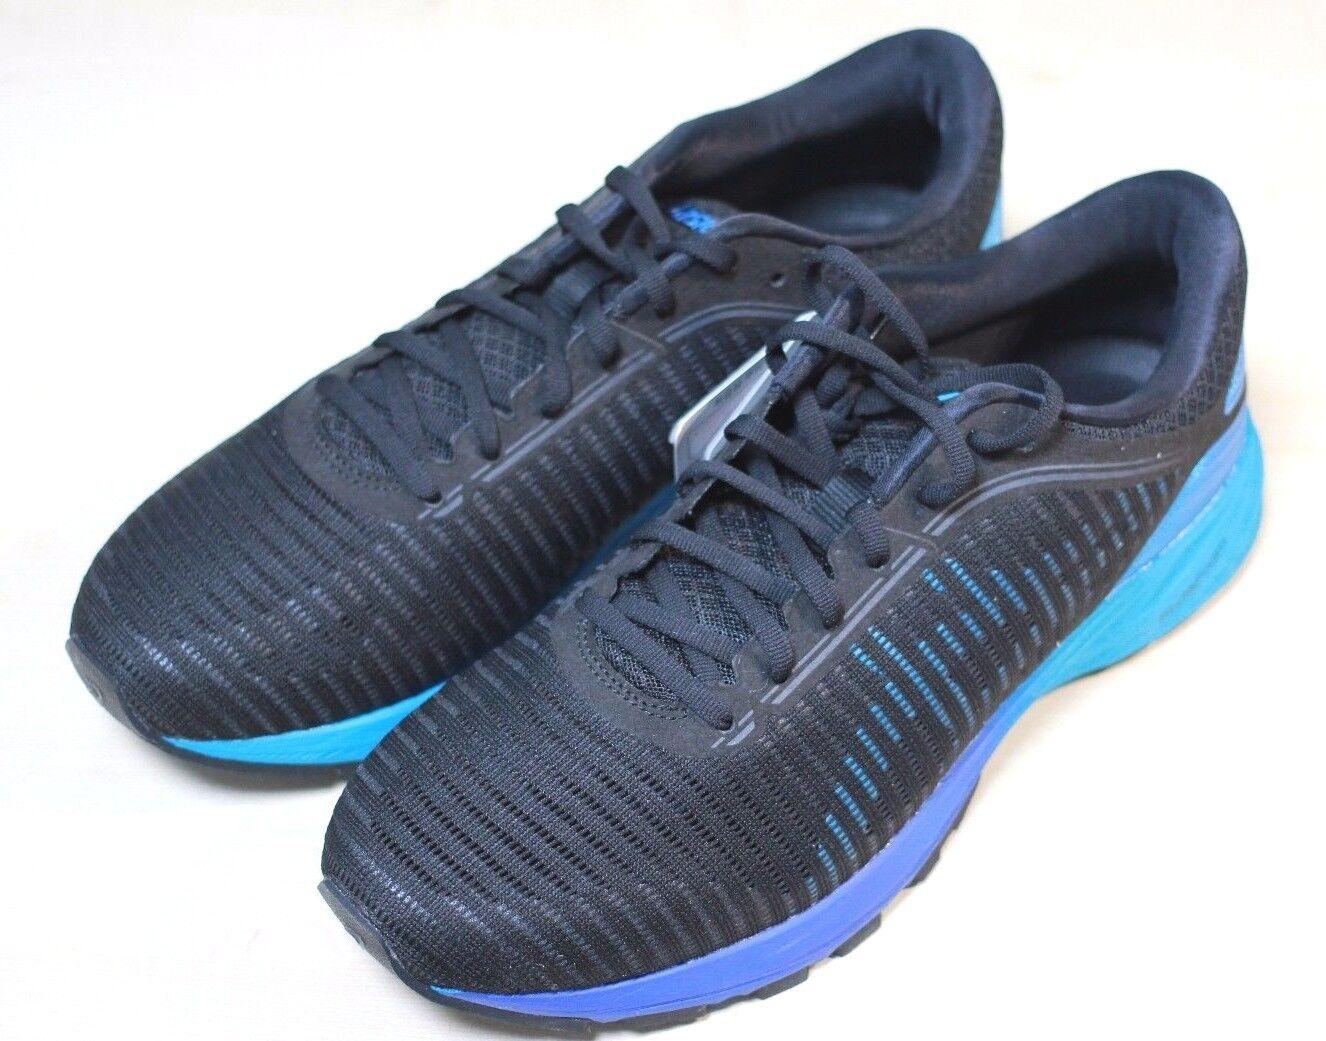 ASICS nuevo para hombre DynaFlyte 2 Road Zapatillas Para Correr Negro Azul Isla Auténtico